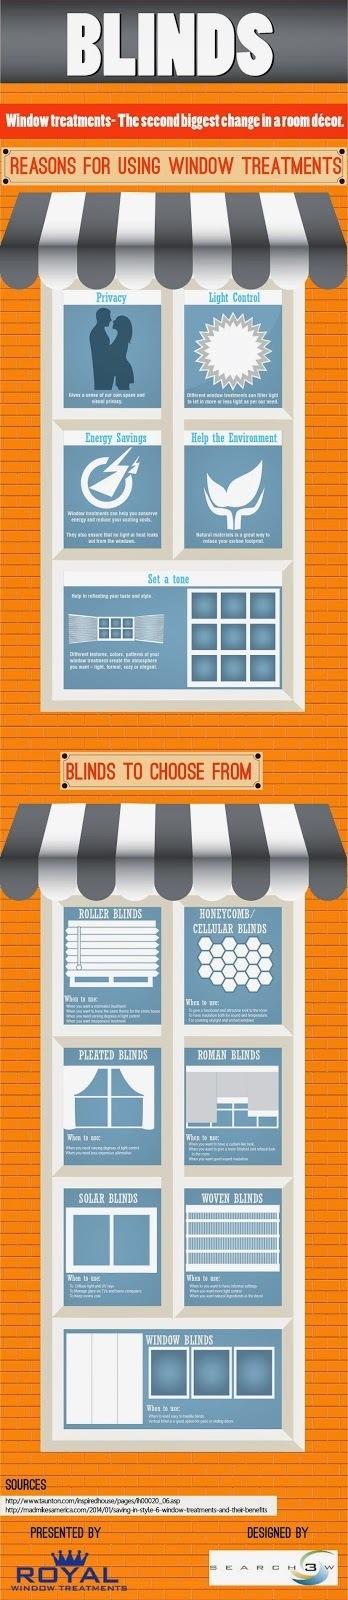 Blinds - Window Treatment | Blinds - Window Treatments | Scoop.it